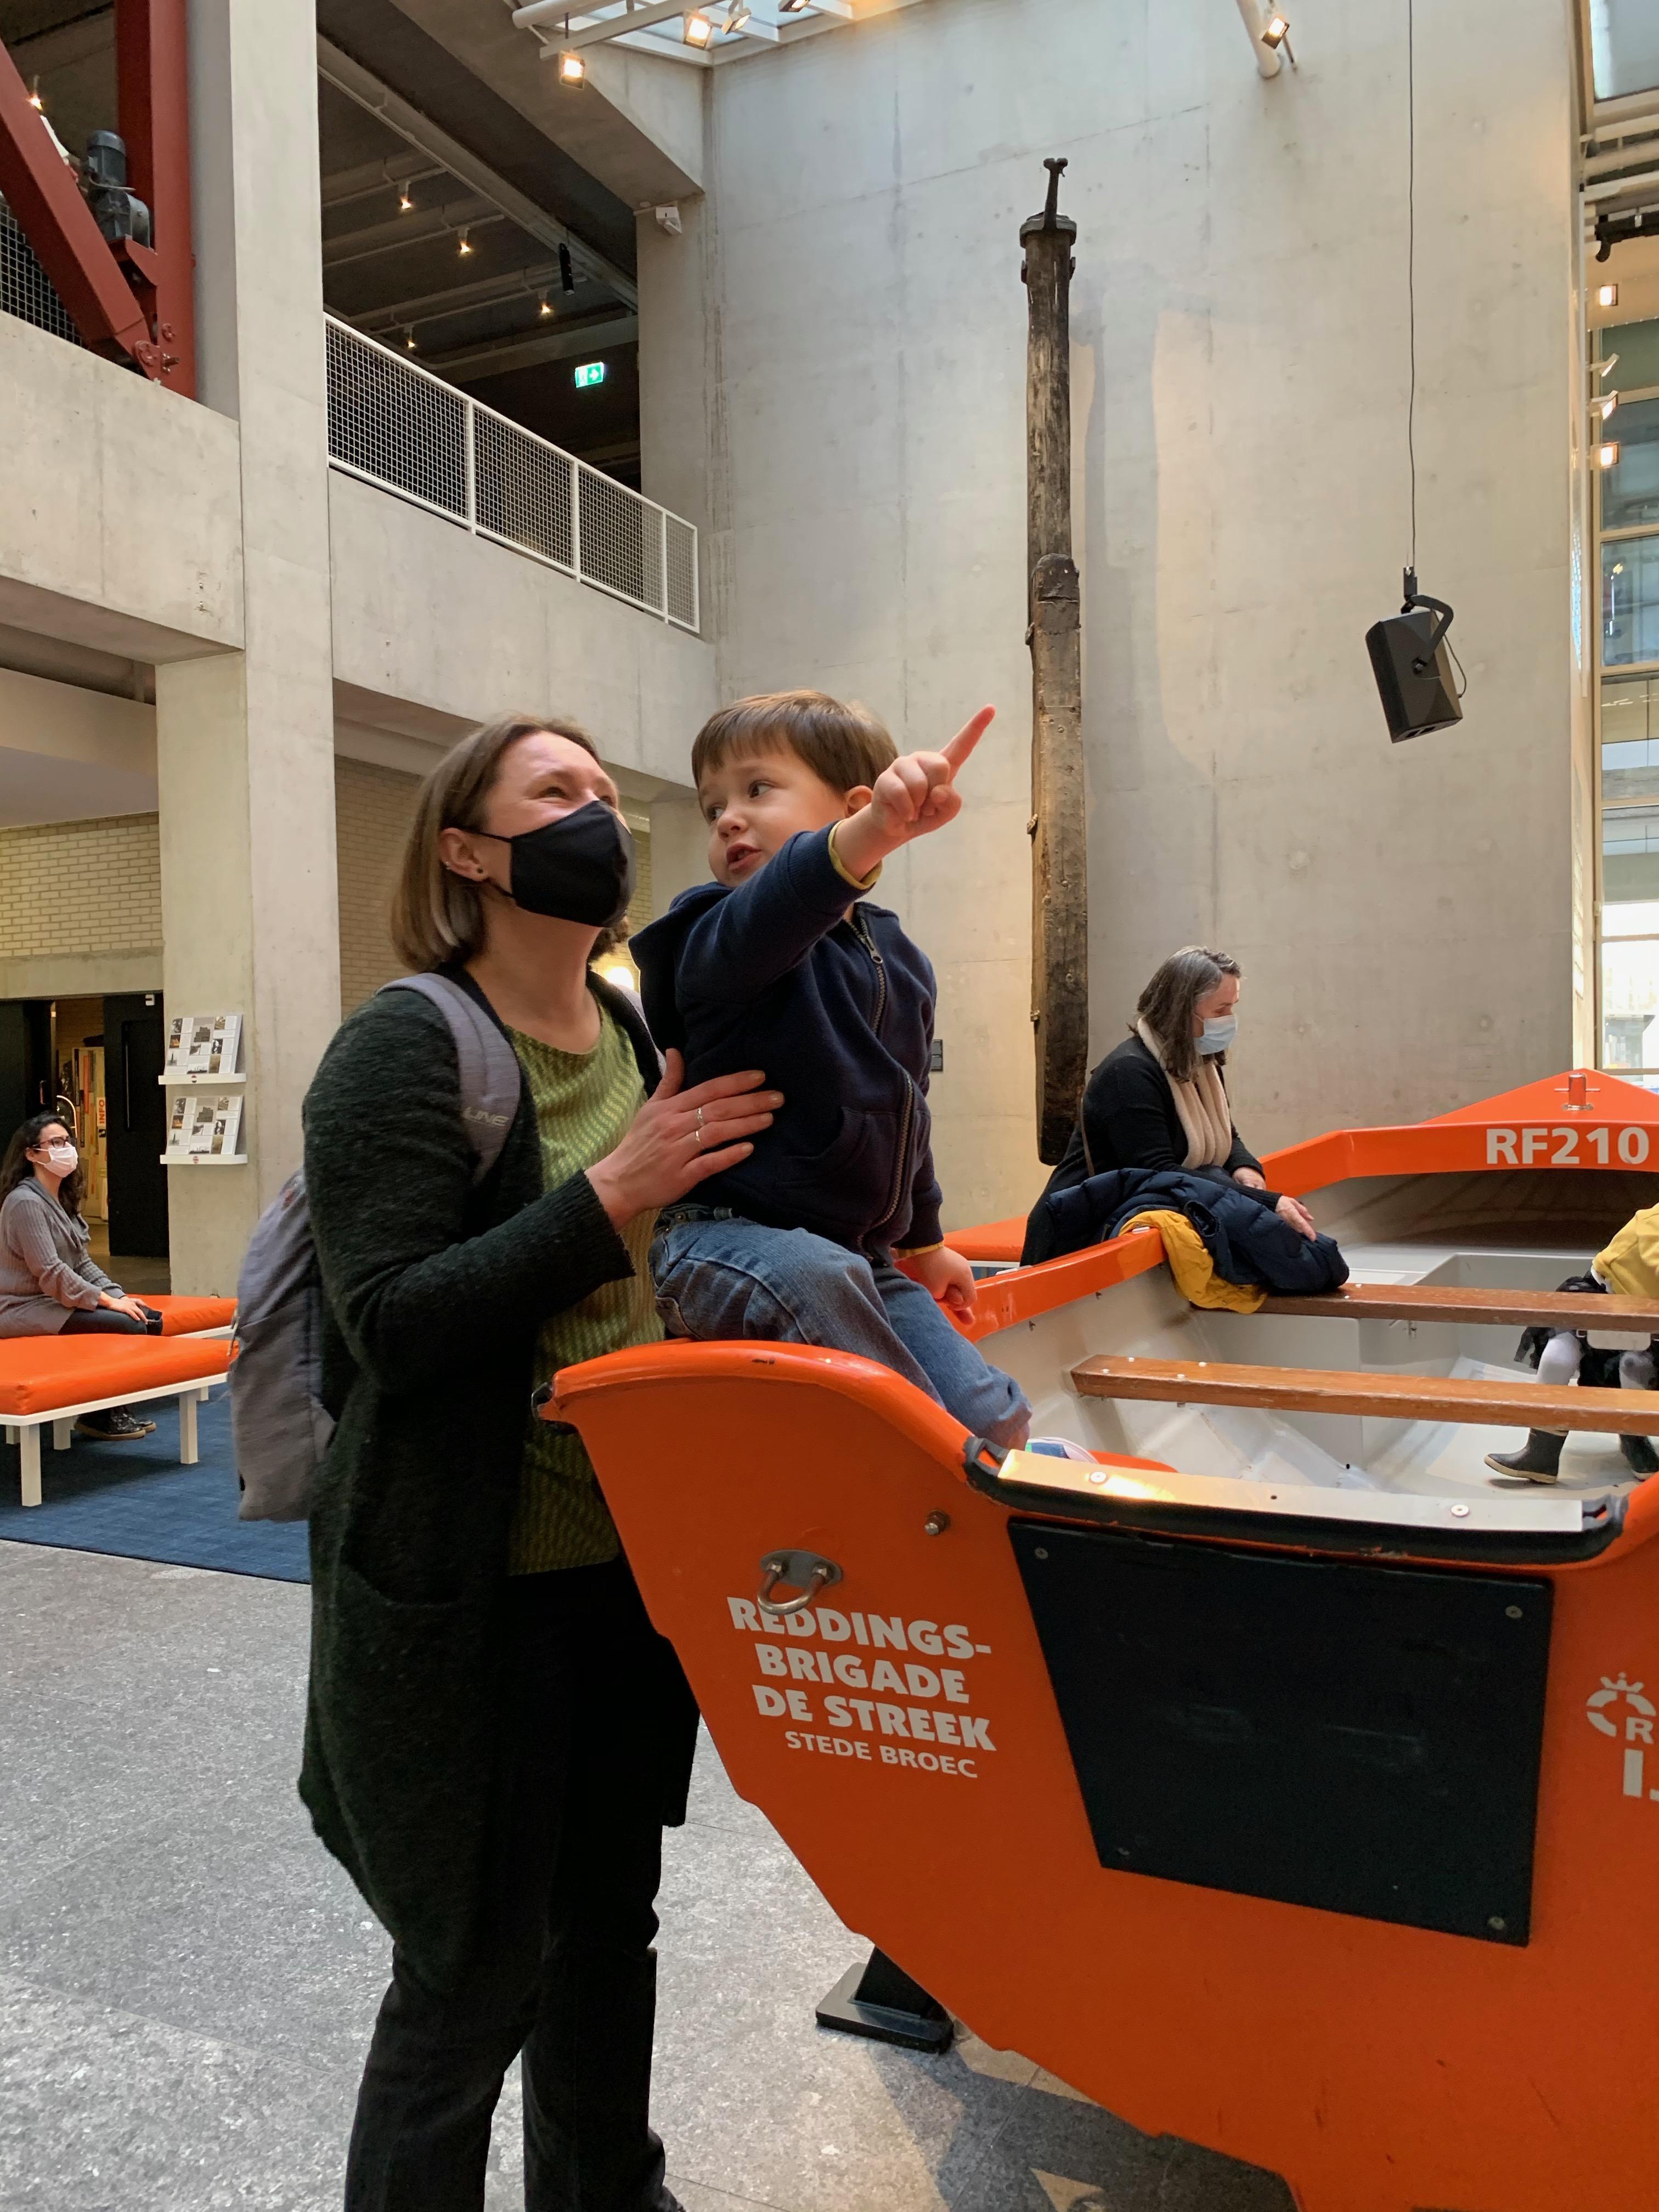 Rotterdams museumstuk komt eigenlijk uit... Stede Broec: 'We hebben nu snelle, moderne boot'